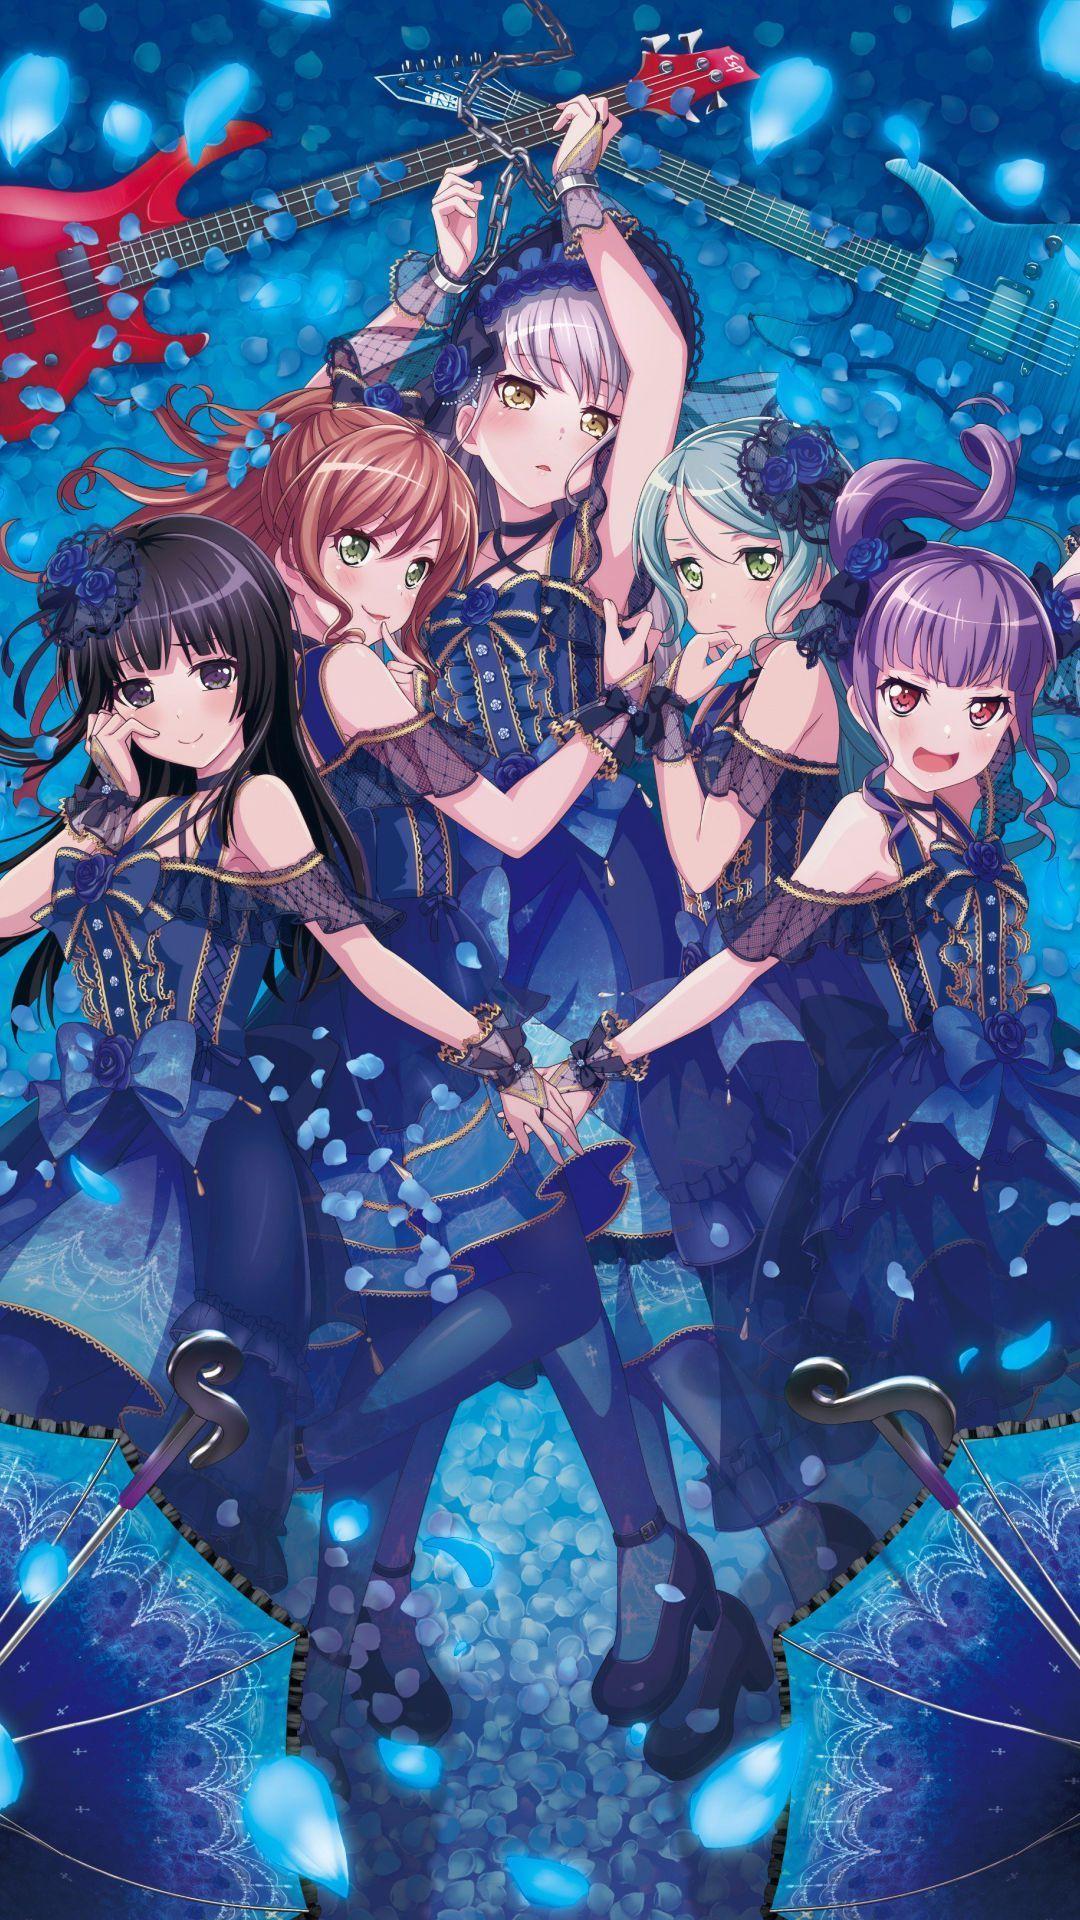 Manga Art Iphone Wallpaper Bangs Bang Bang Idol Cinderella Fringes